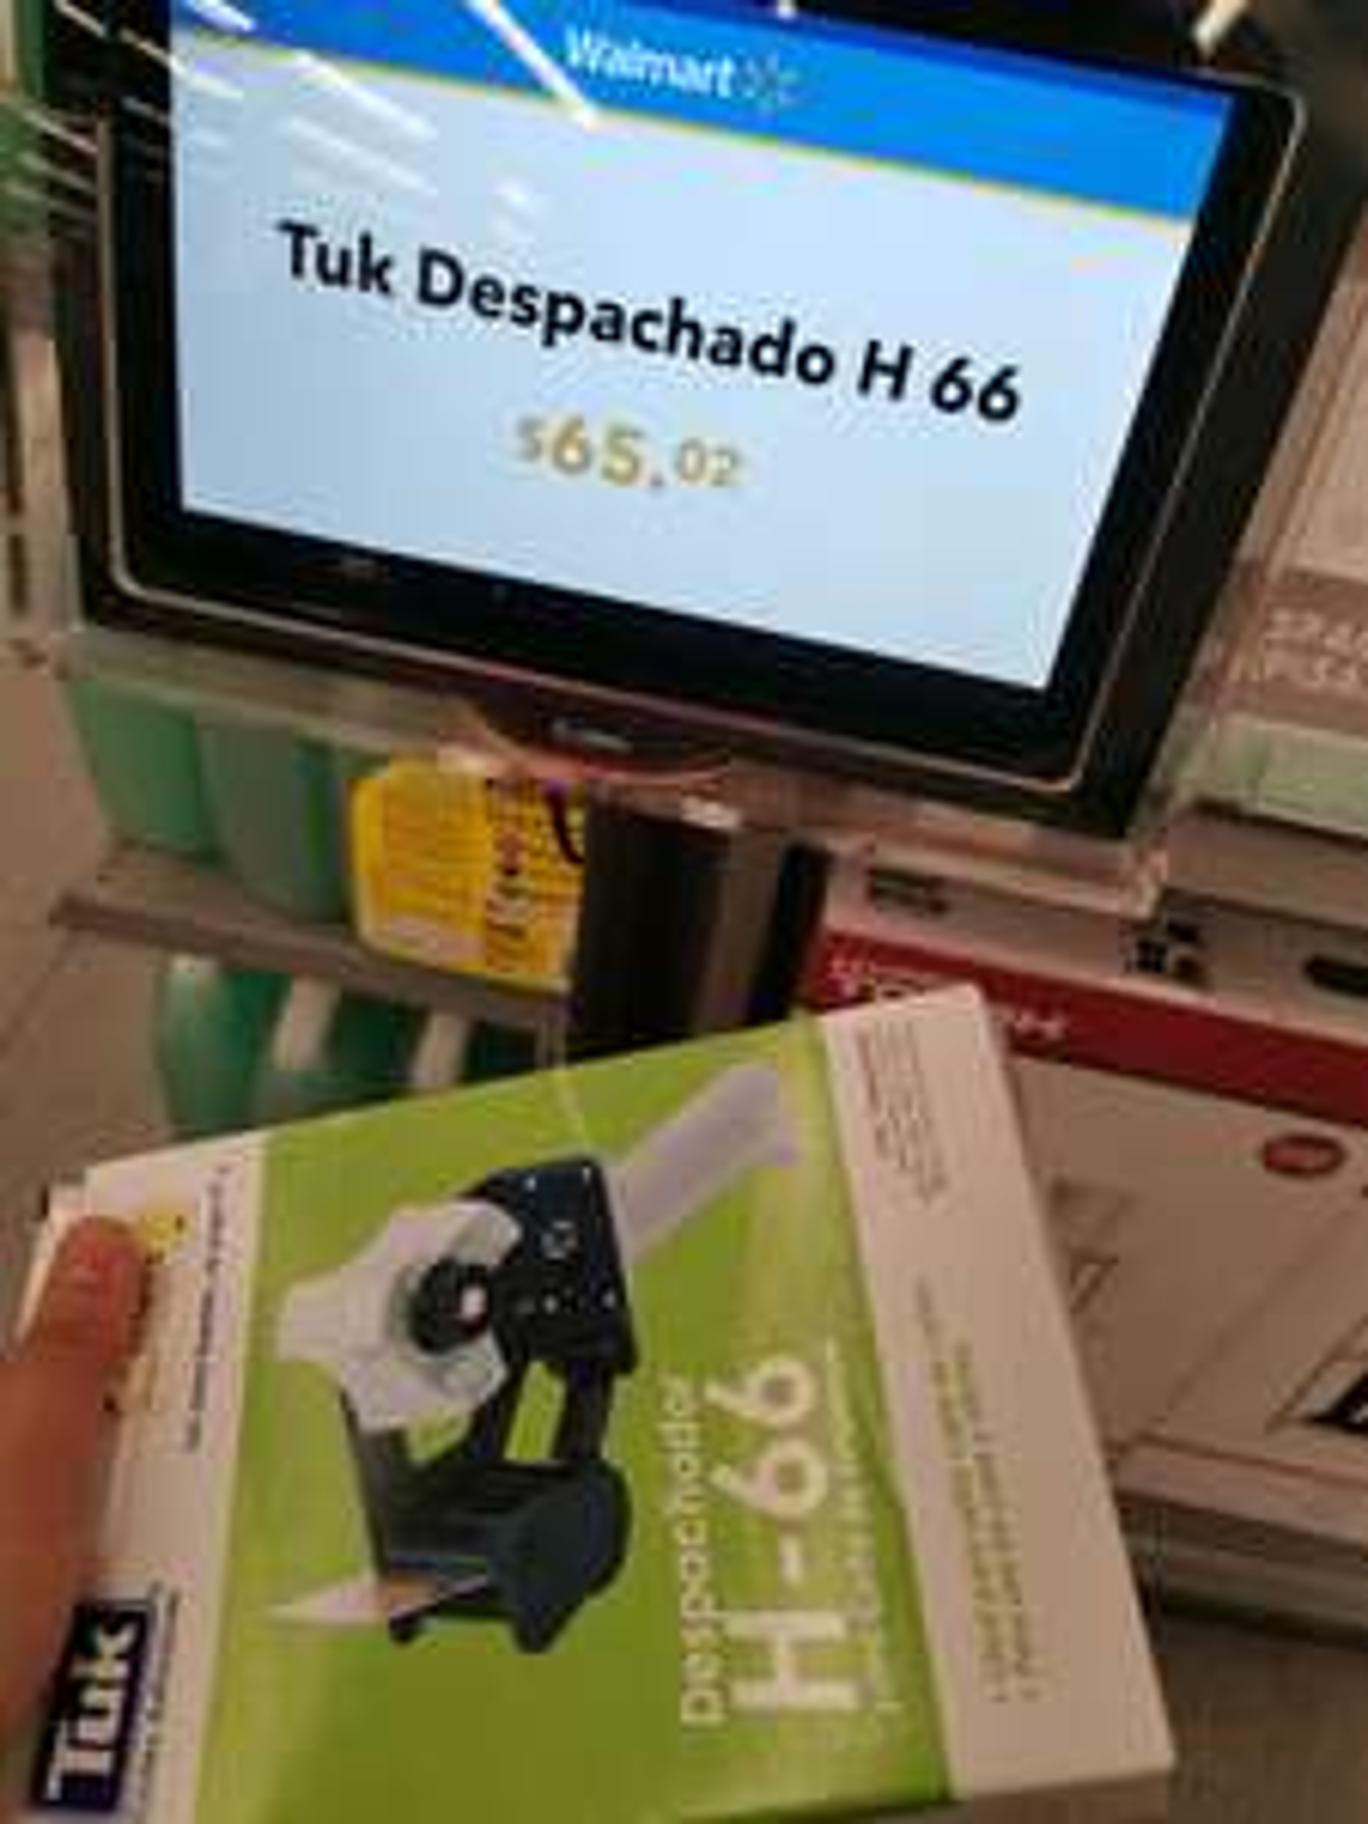 Walmart Despachador o Aplicador de cinta TUK